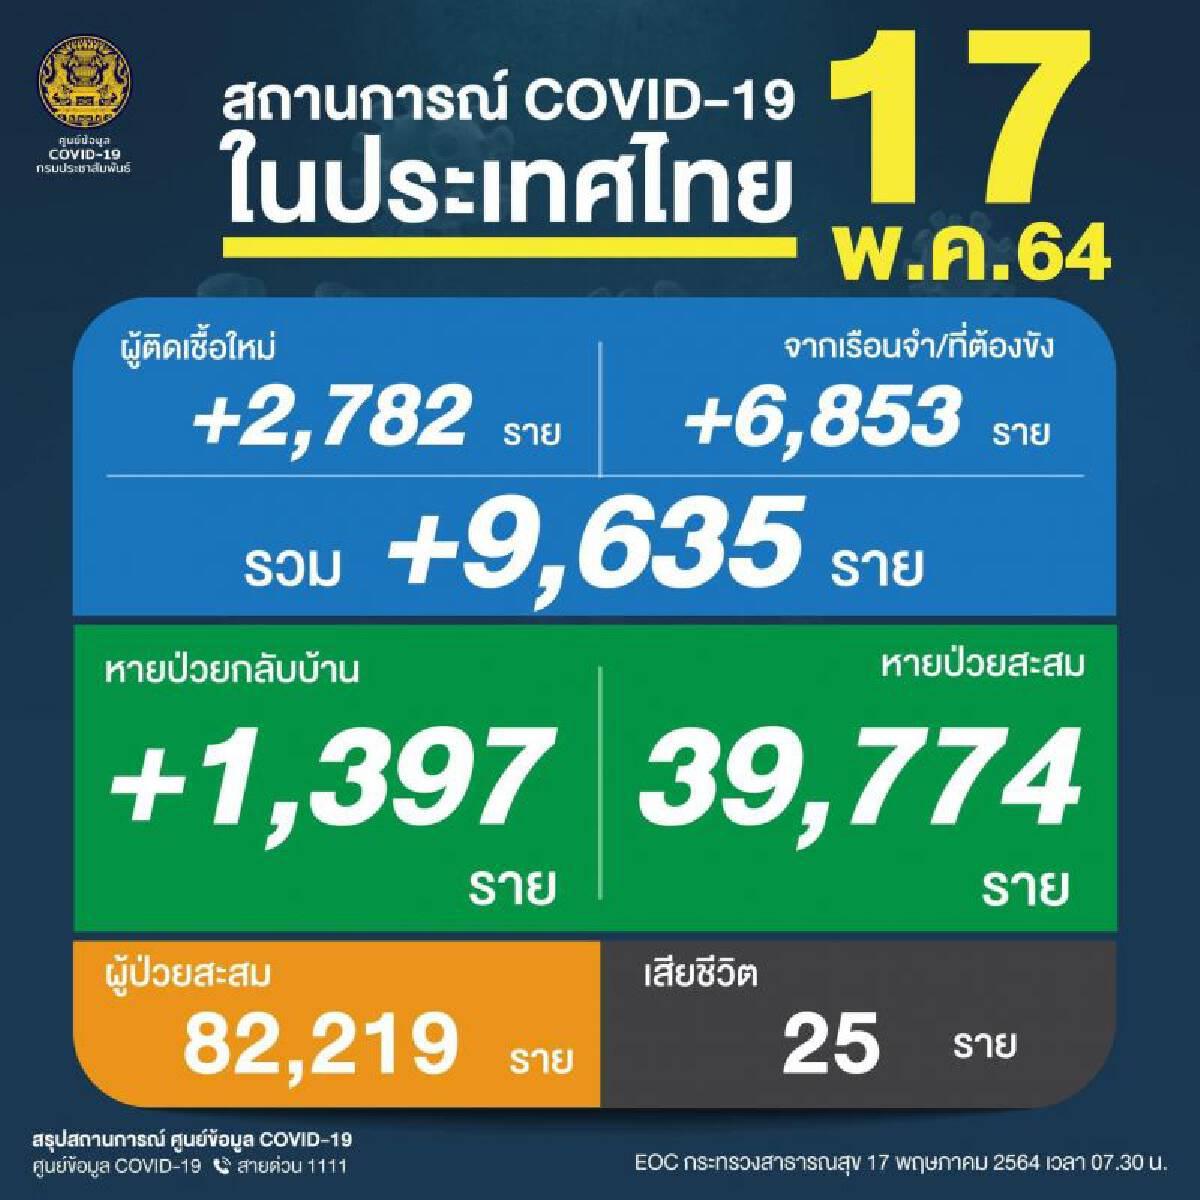 อาจารย์หมอ มอ. ยกบทเรียนต่างประเทศเทียบไทยแก้โควิด